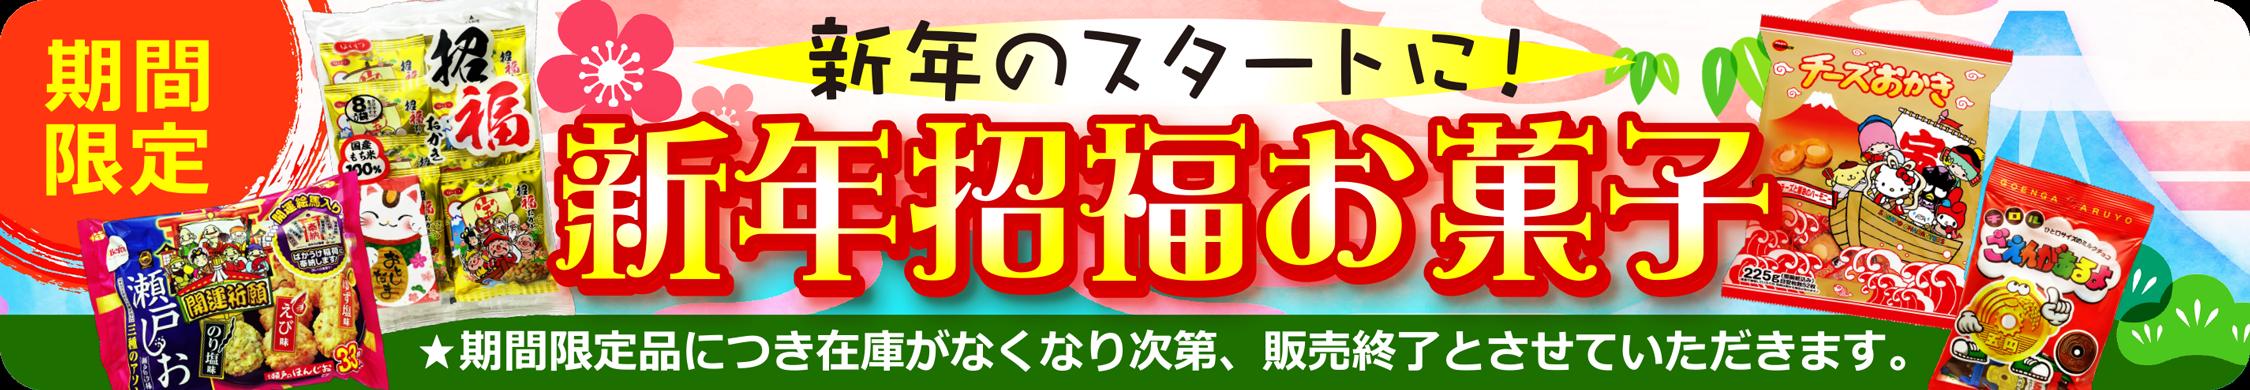 新年のスタートに!新年招福お菓子特集